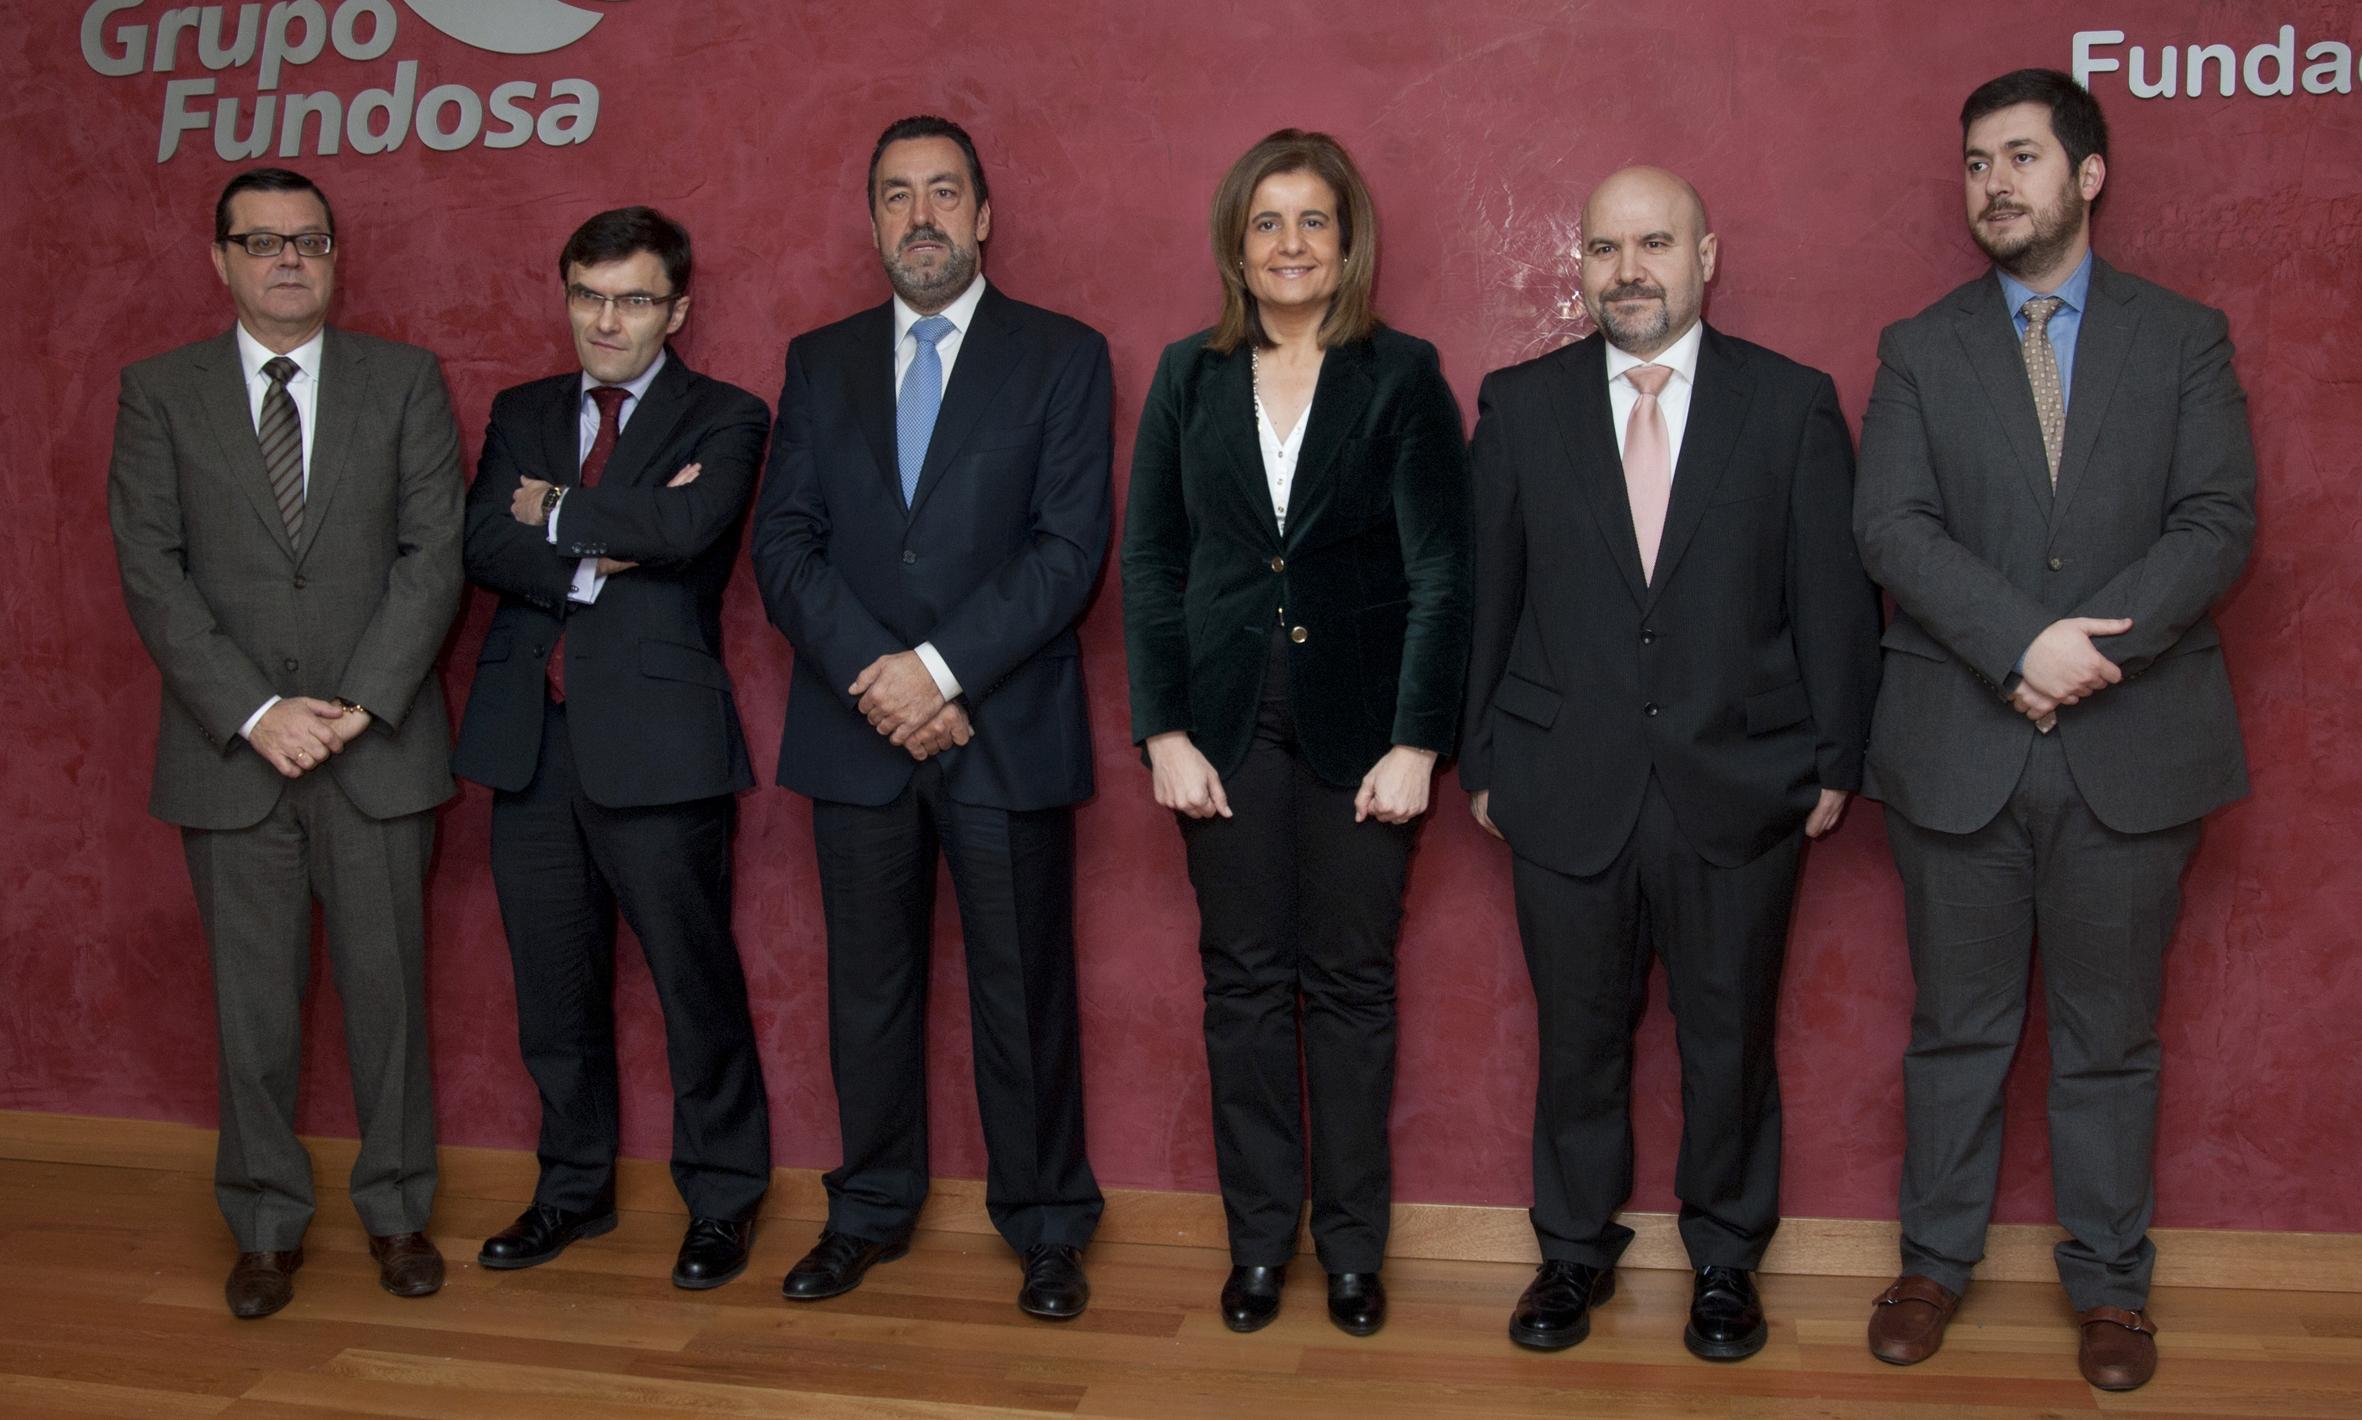 Foto del Acto Jose Luis Martinez Alberto Durán Miguel Carballeda Fatima Bañez y Luis Cayo